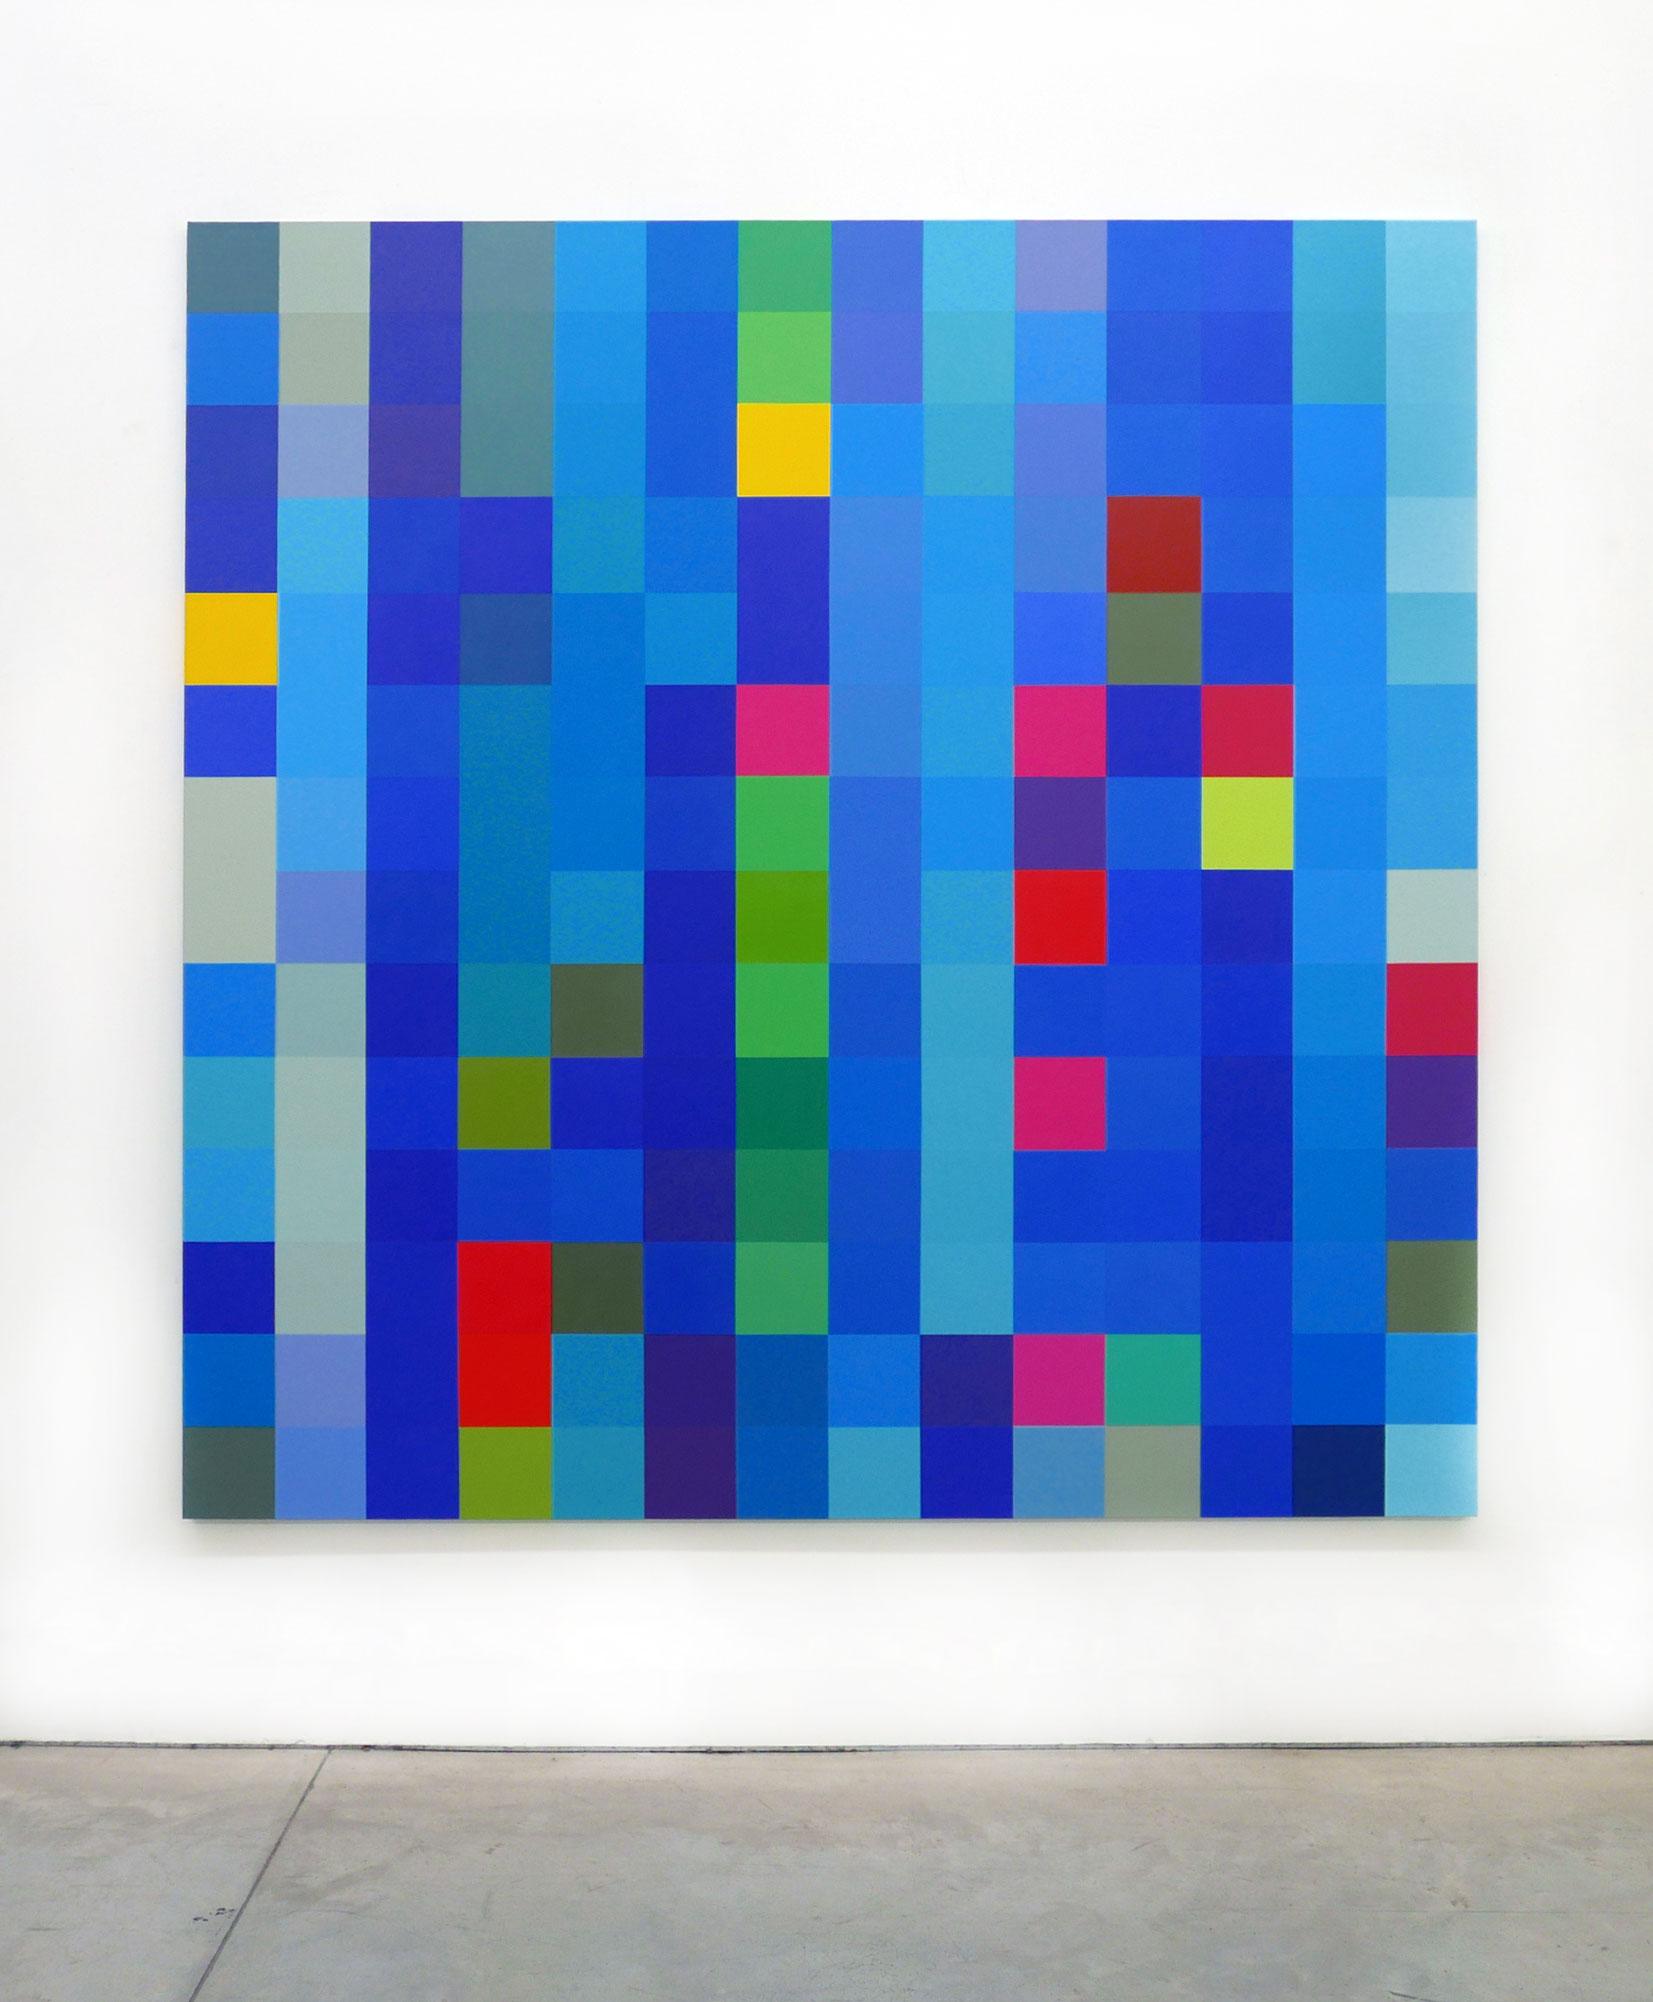 Robert Owen, Flickering Light #3 (Ocean Road), 2017, synthetic polymer paint on Belgium linen, 198 x 198 cm